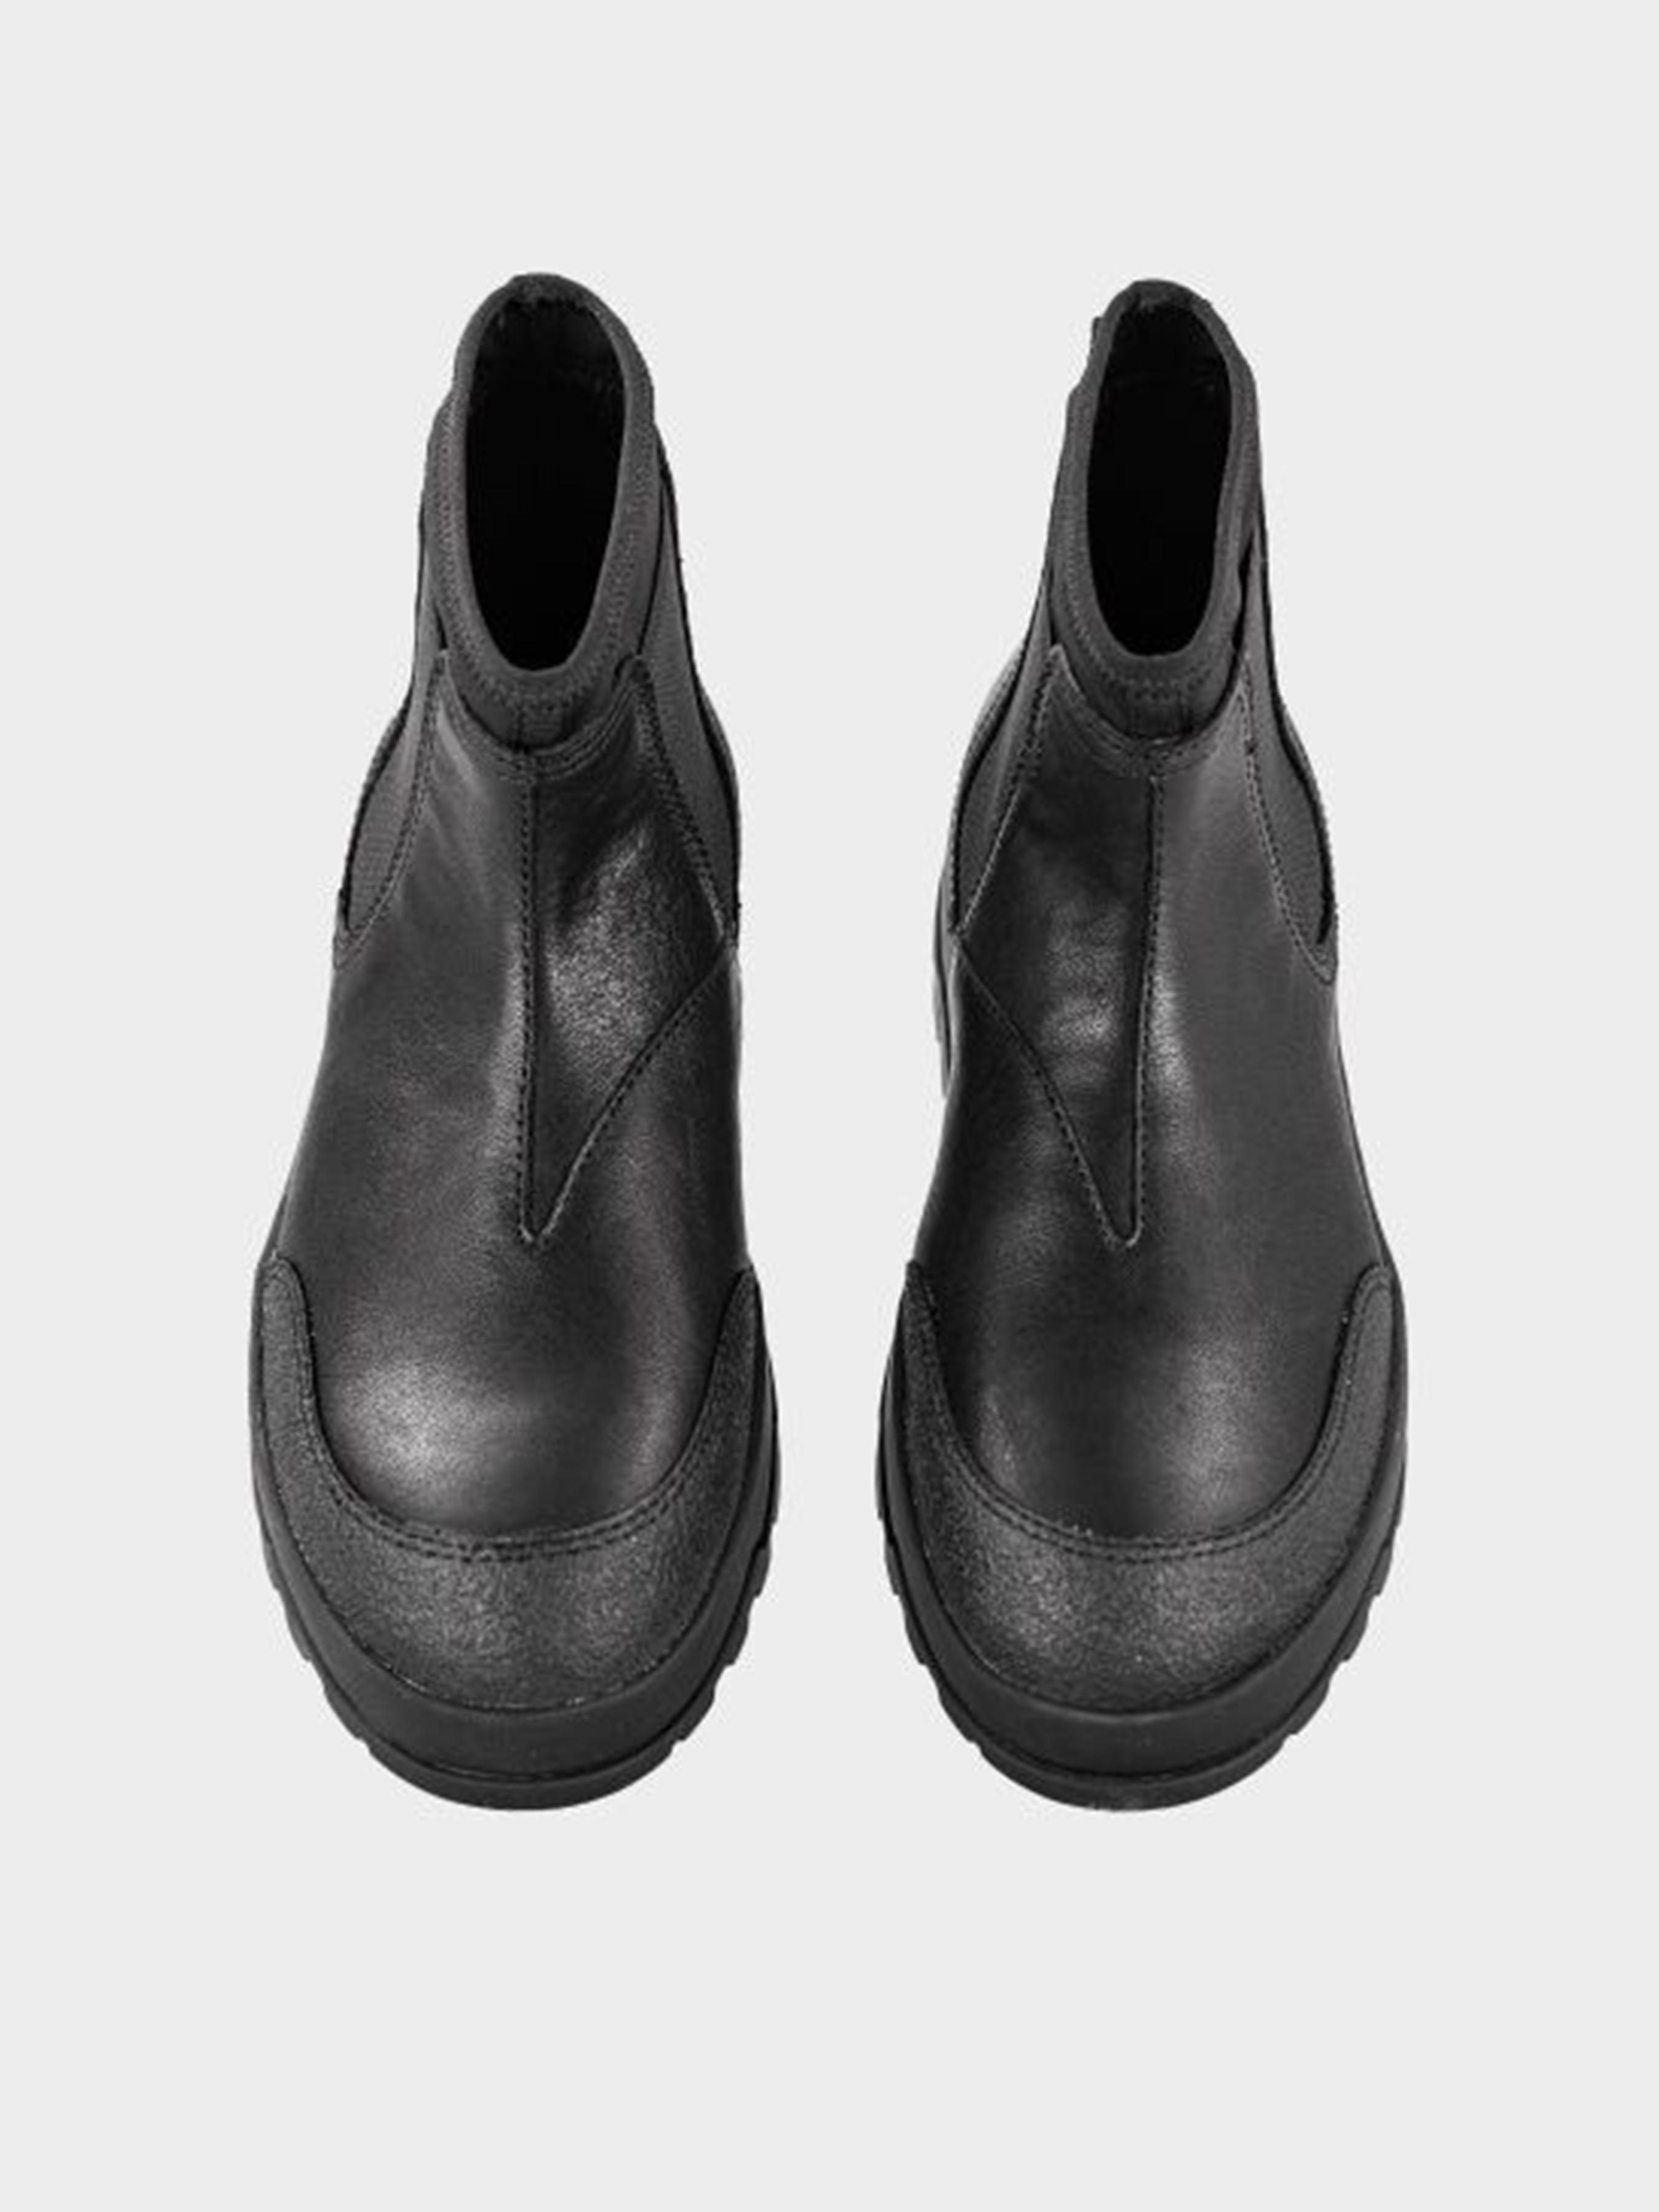 Черевики  жіночі VAGABOND MILO W 4831-201-20 купити в Iнтертоп, 2017